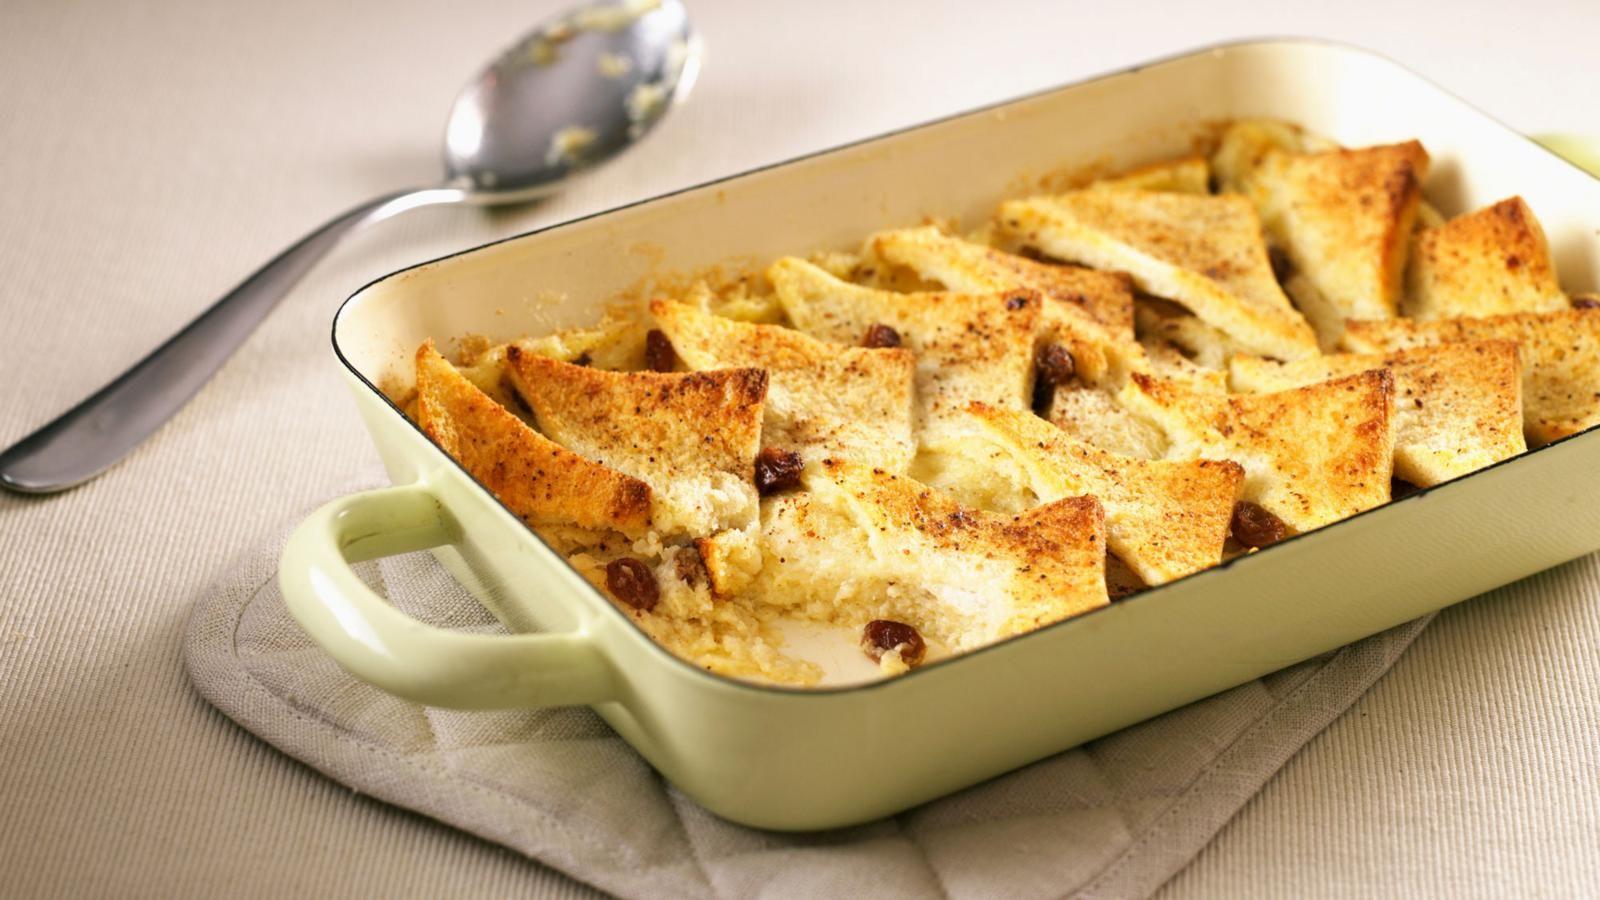 Bread and butter pudding recipe   Recipe in 2020   Bbc food, Bread and butter pudding, Recipes